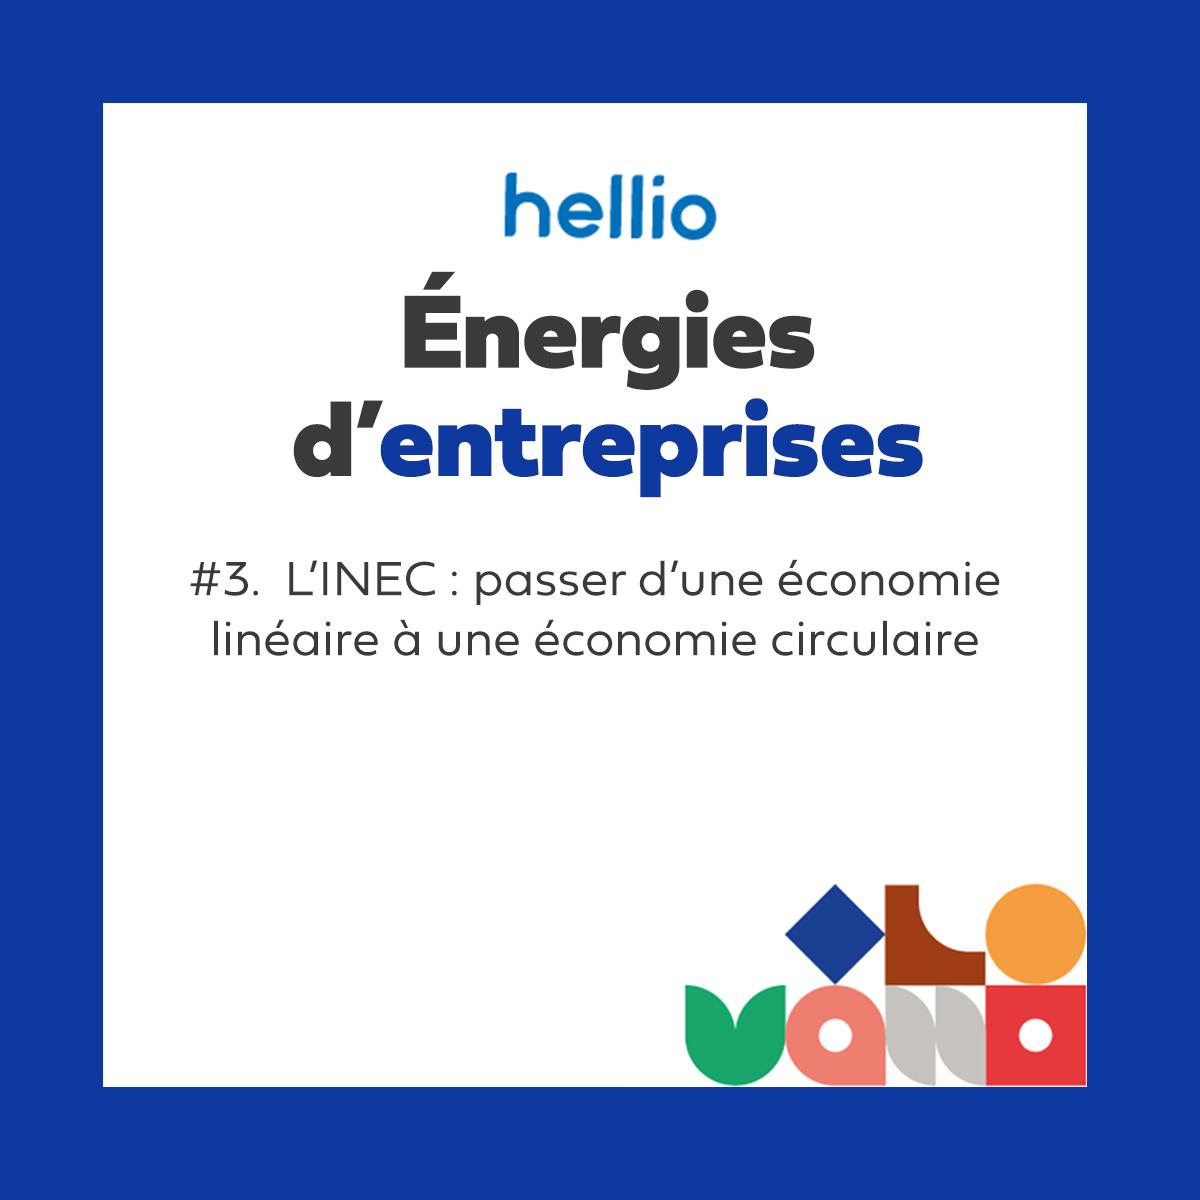 Podcast - Énergies d'entreprises : #3 L'INEC, passer d'une économie linéaire à une économie circulaire